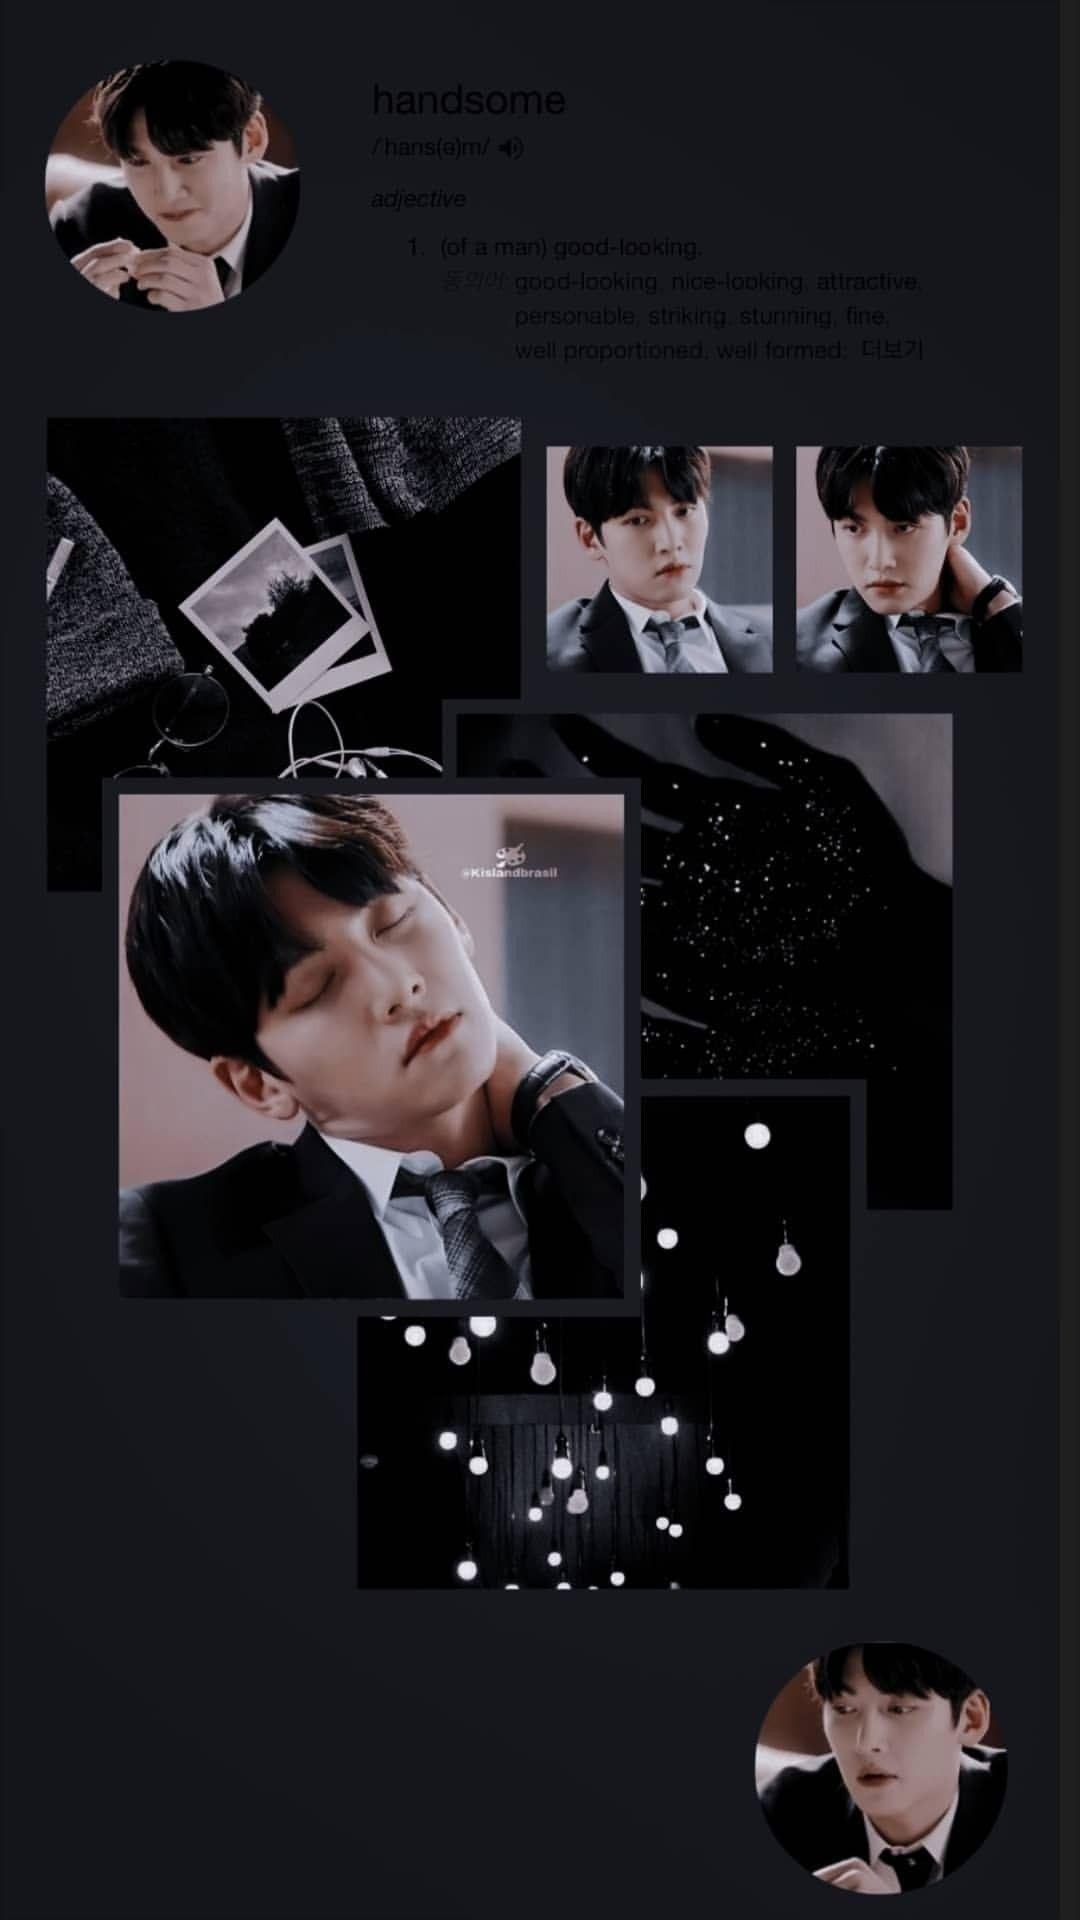 Wallpaper Actor Jichangwook Korea Korean Kpop Handsome